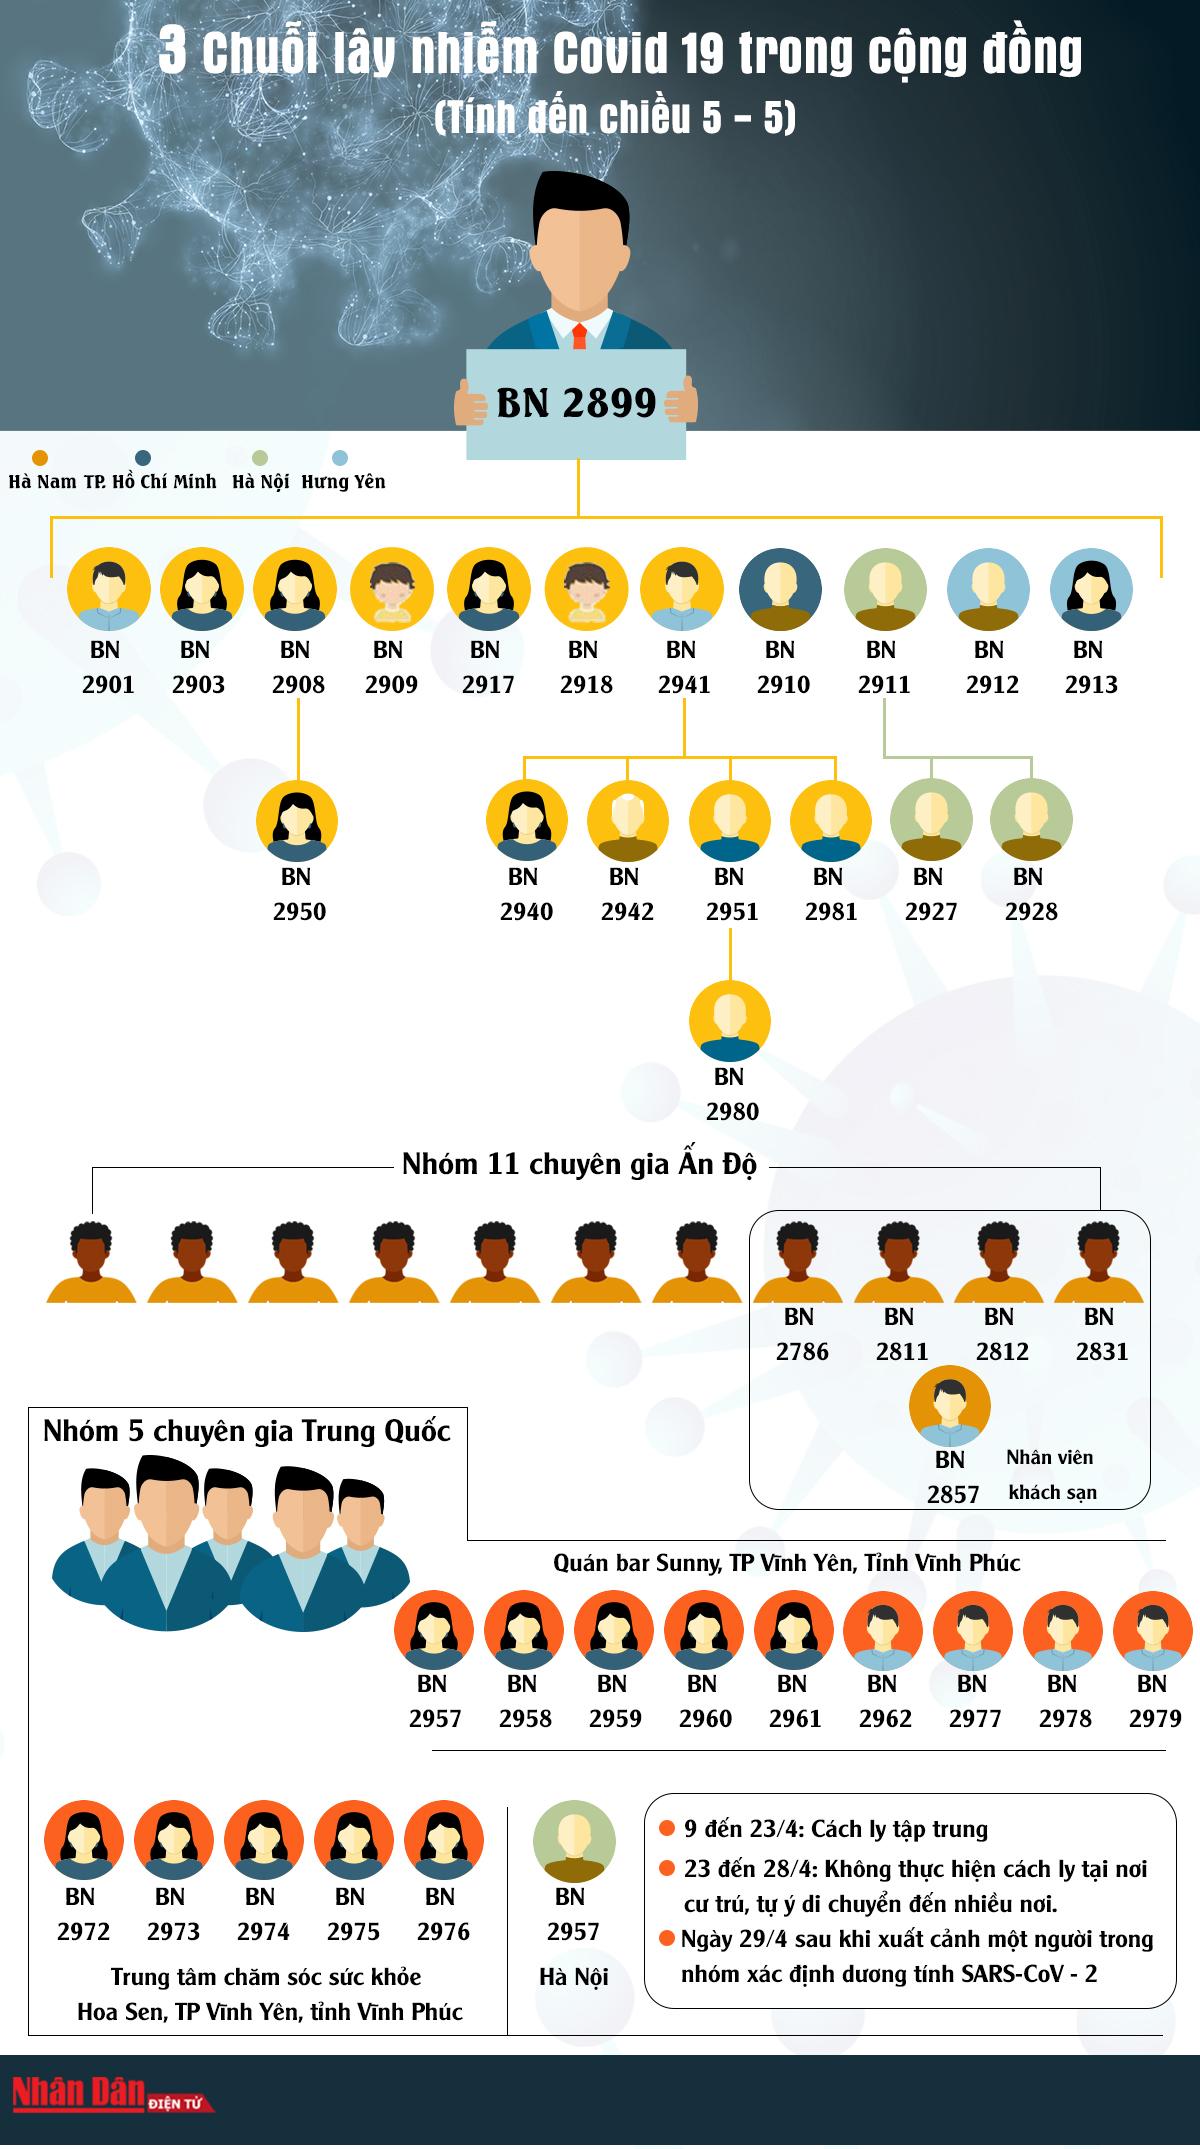 [Infographic] Ba chuỗi lây nhiễm Covid-19 từ ngày 27-4 đến nay -0